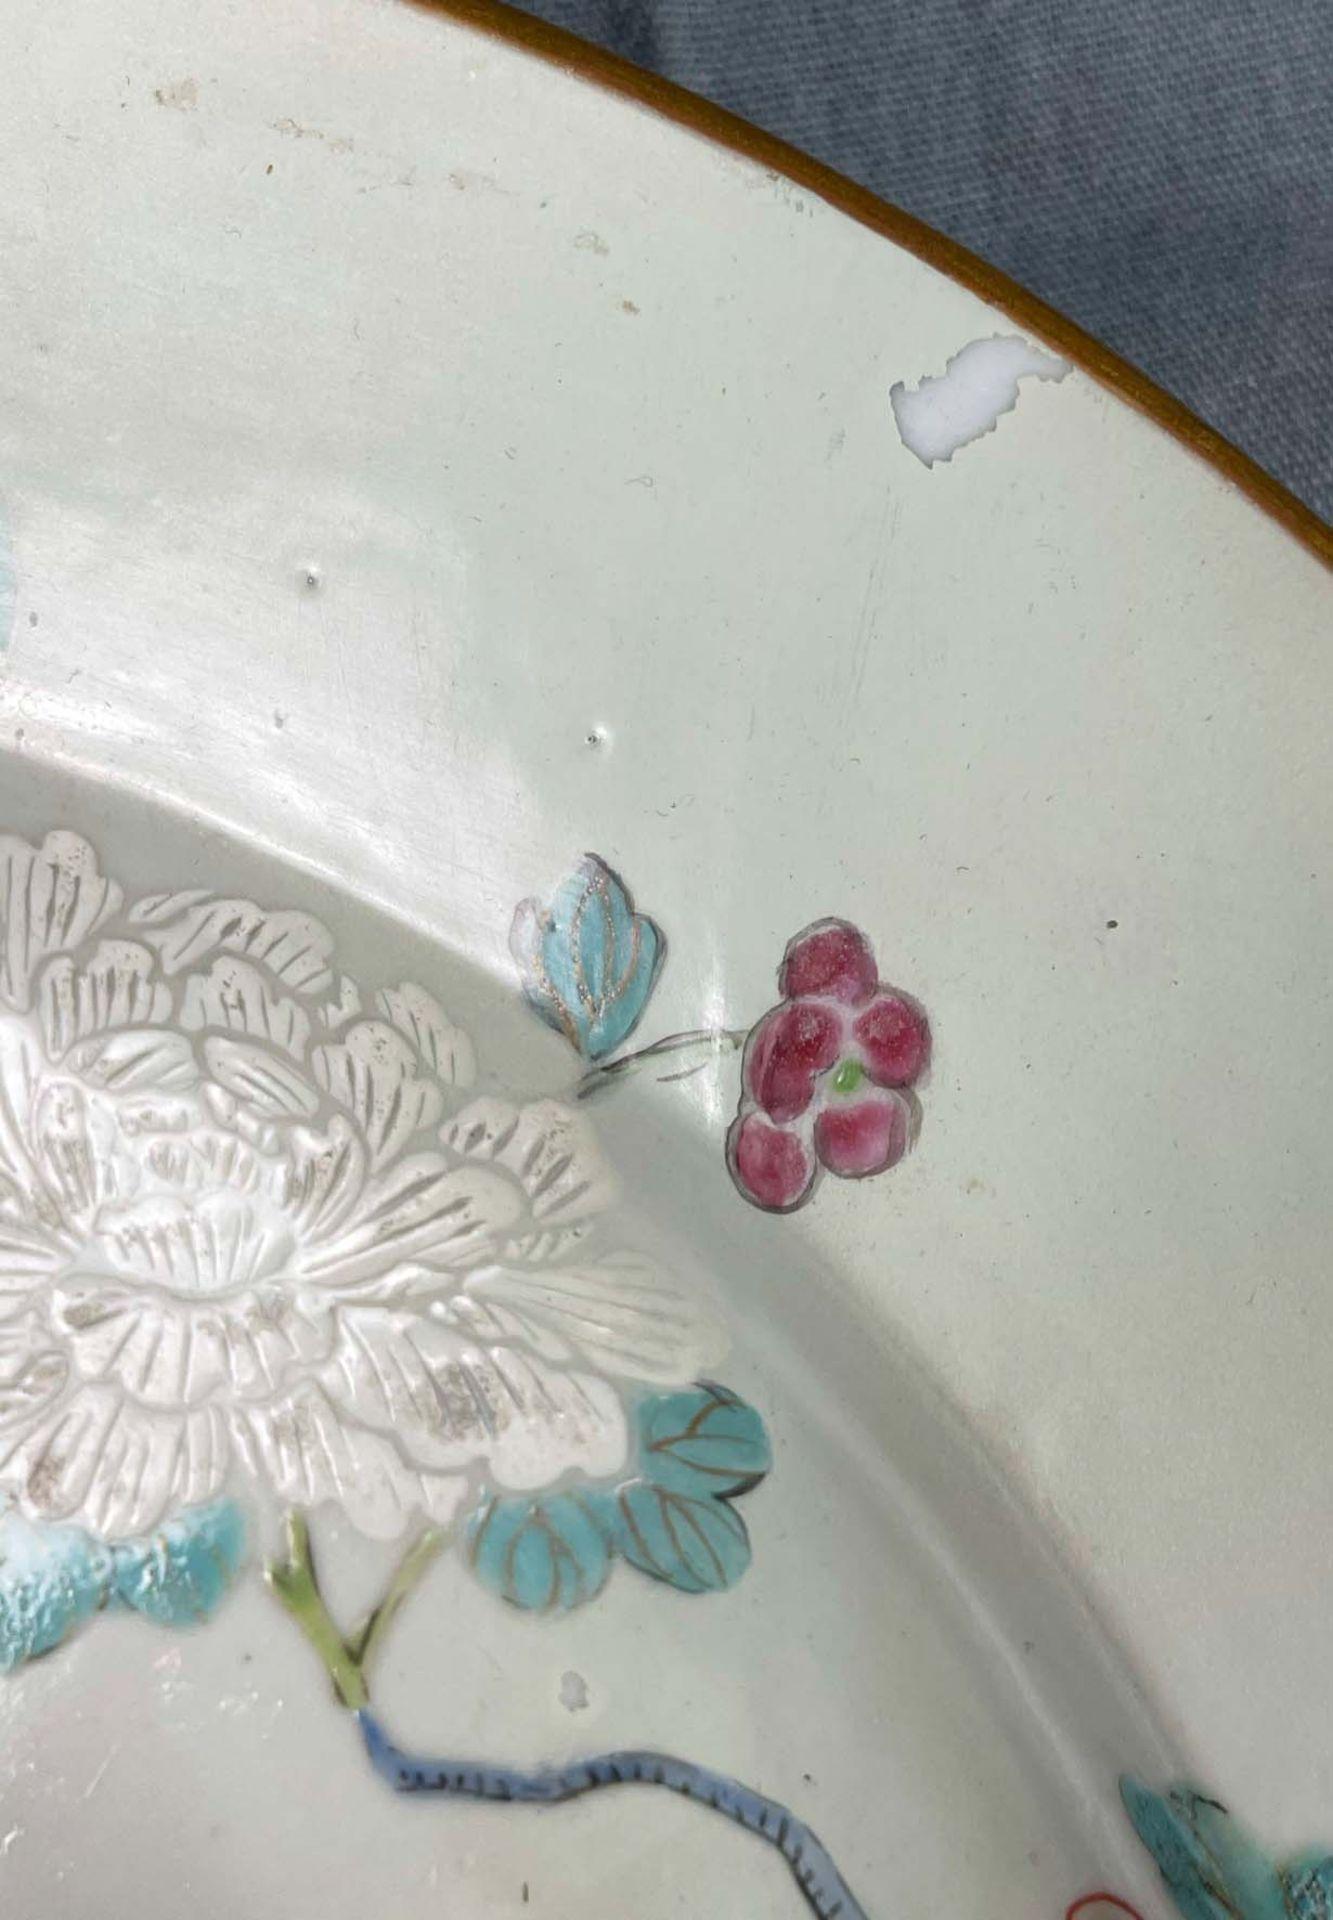 2 Platten. Porzellan. Wohl China antik. - Image 4 of 16